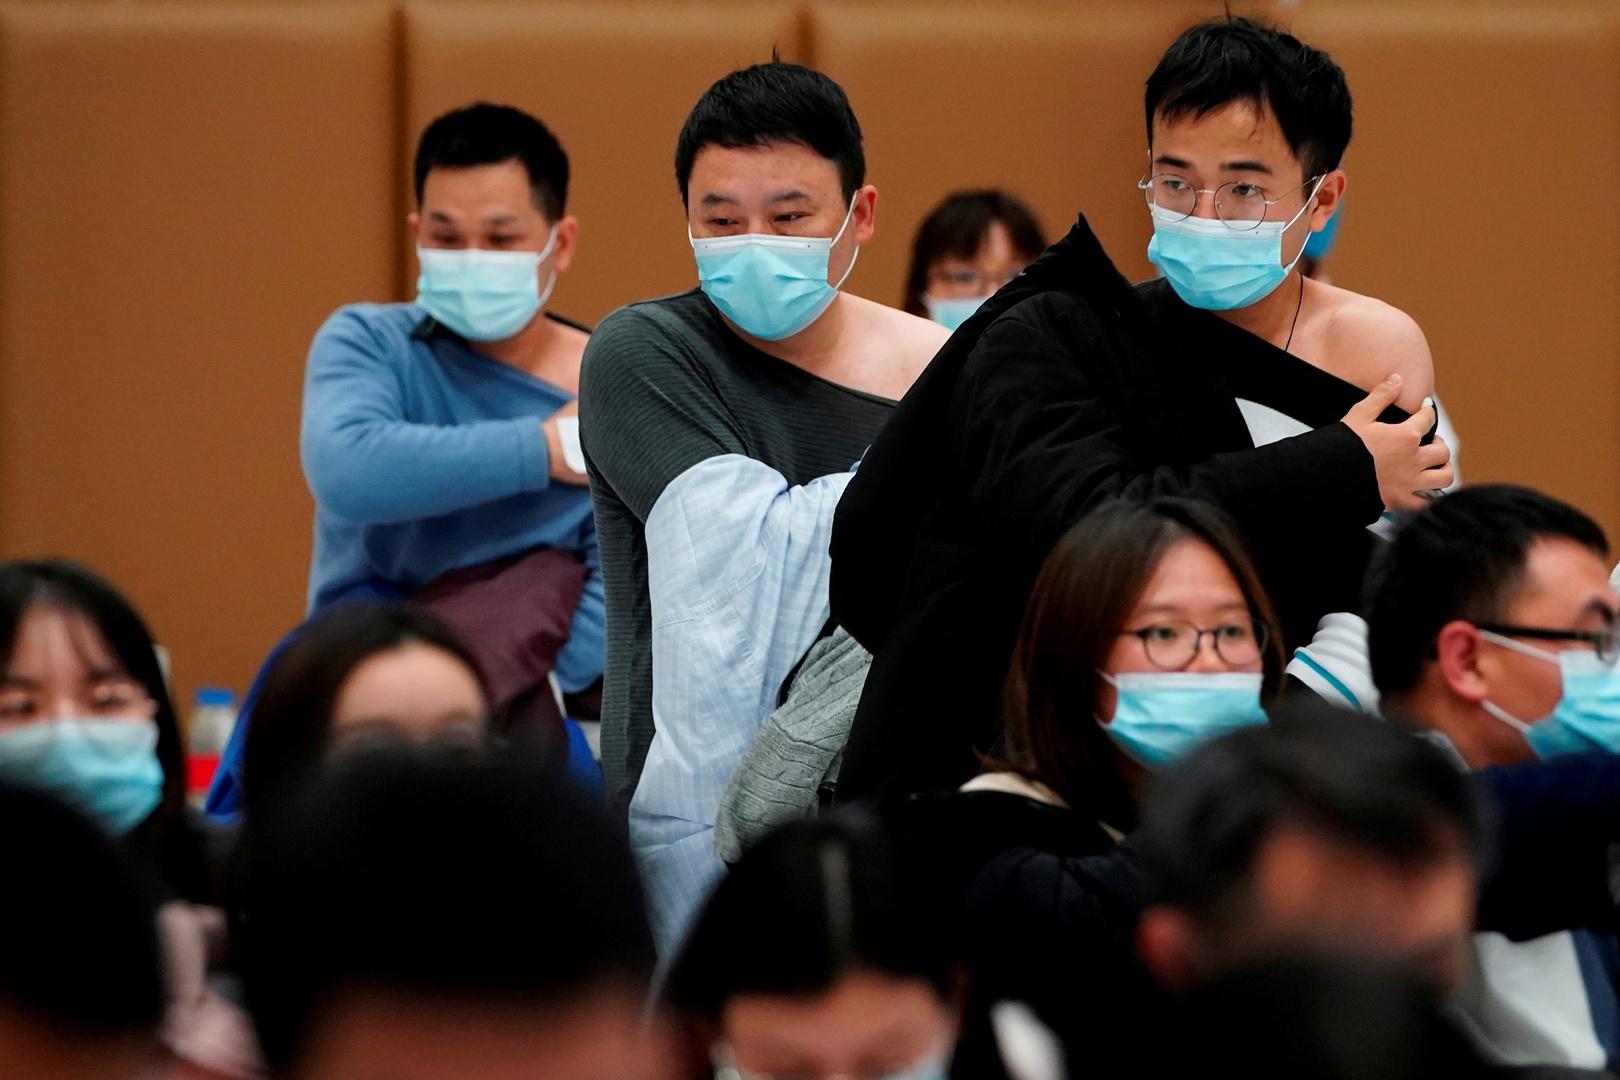 صعود متواصل لعدد إصابات كورونا في الصين